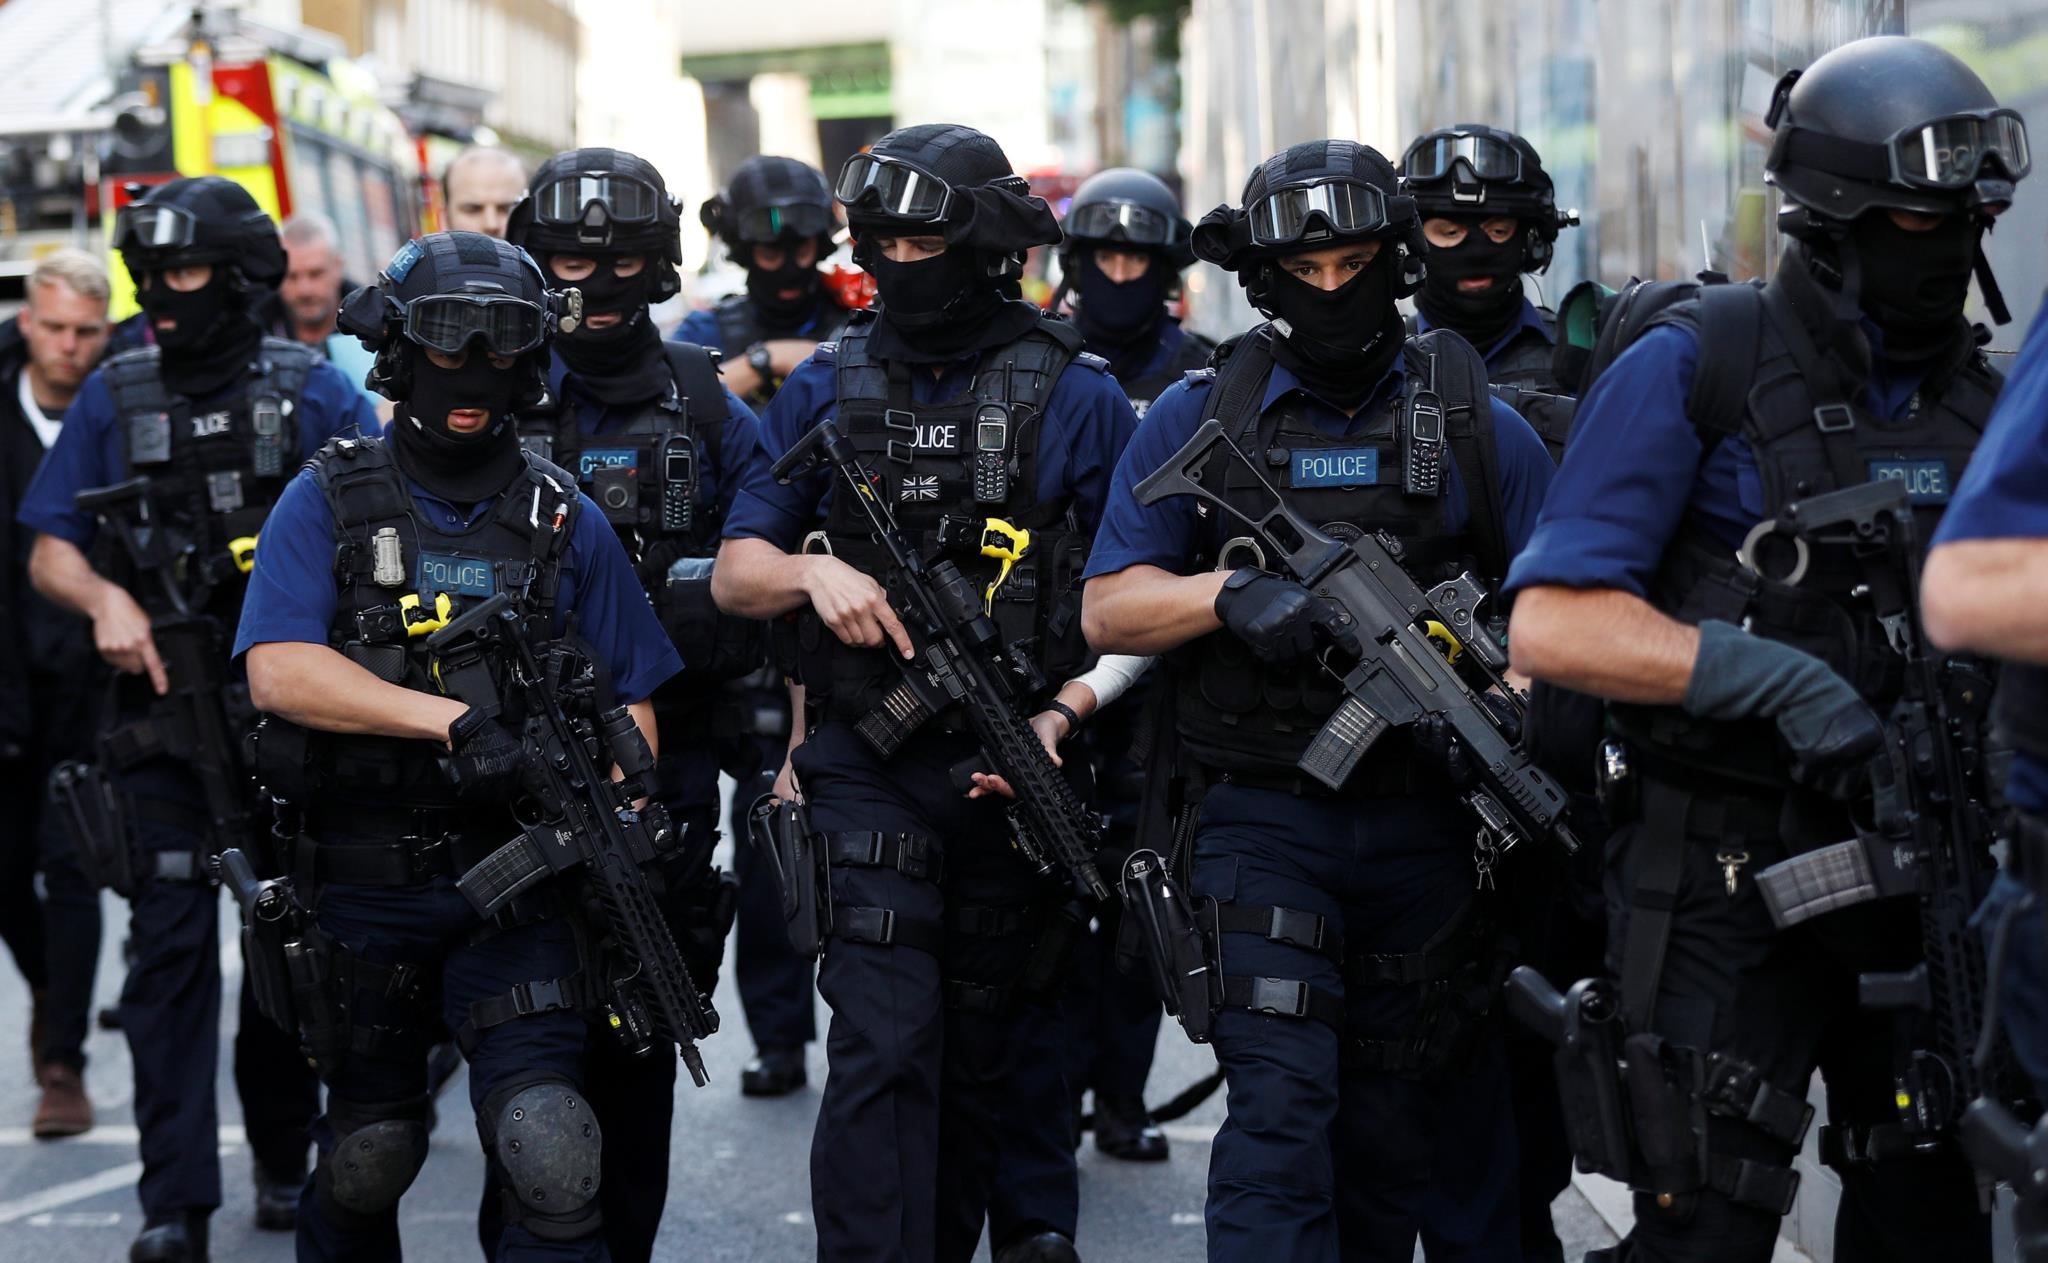 Polícias armados junto ao mercado de Borough, neste domingo de manhã, horas após o ataque neste local e na London Bridge.